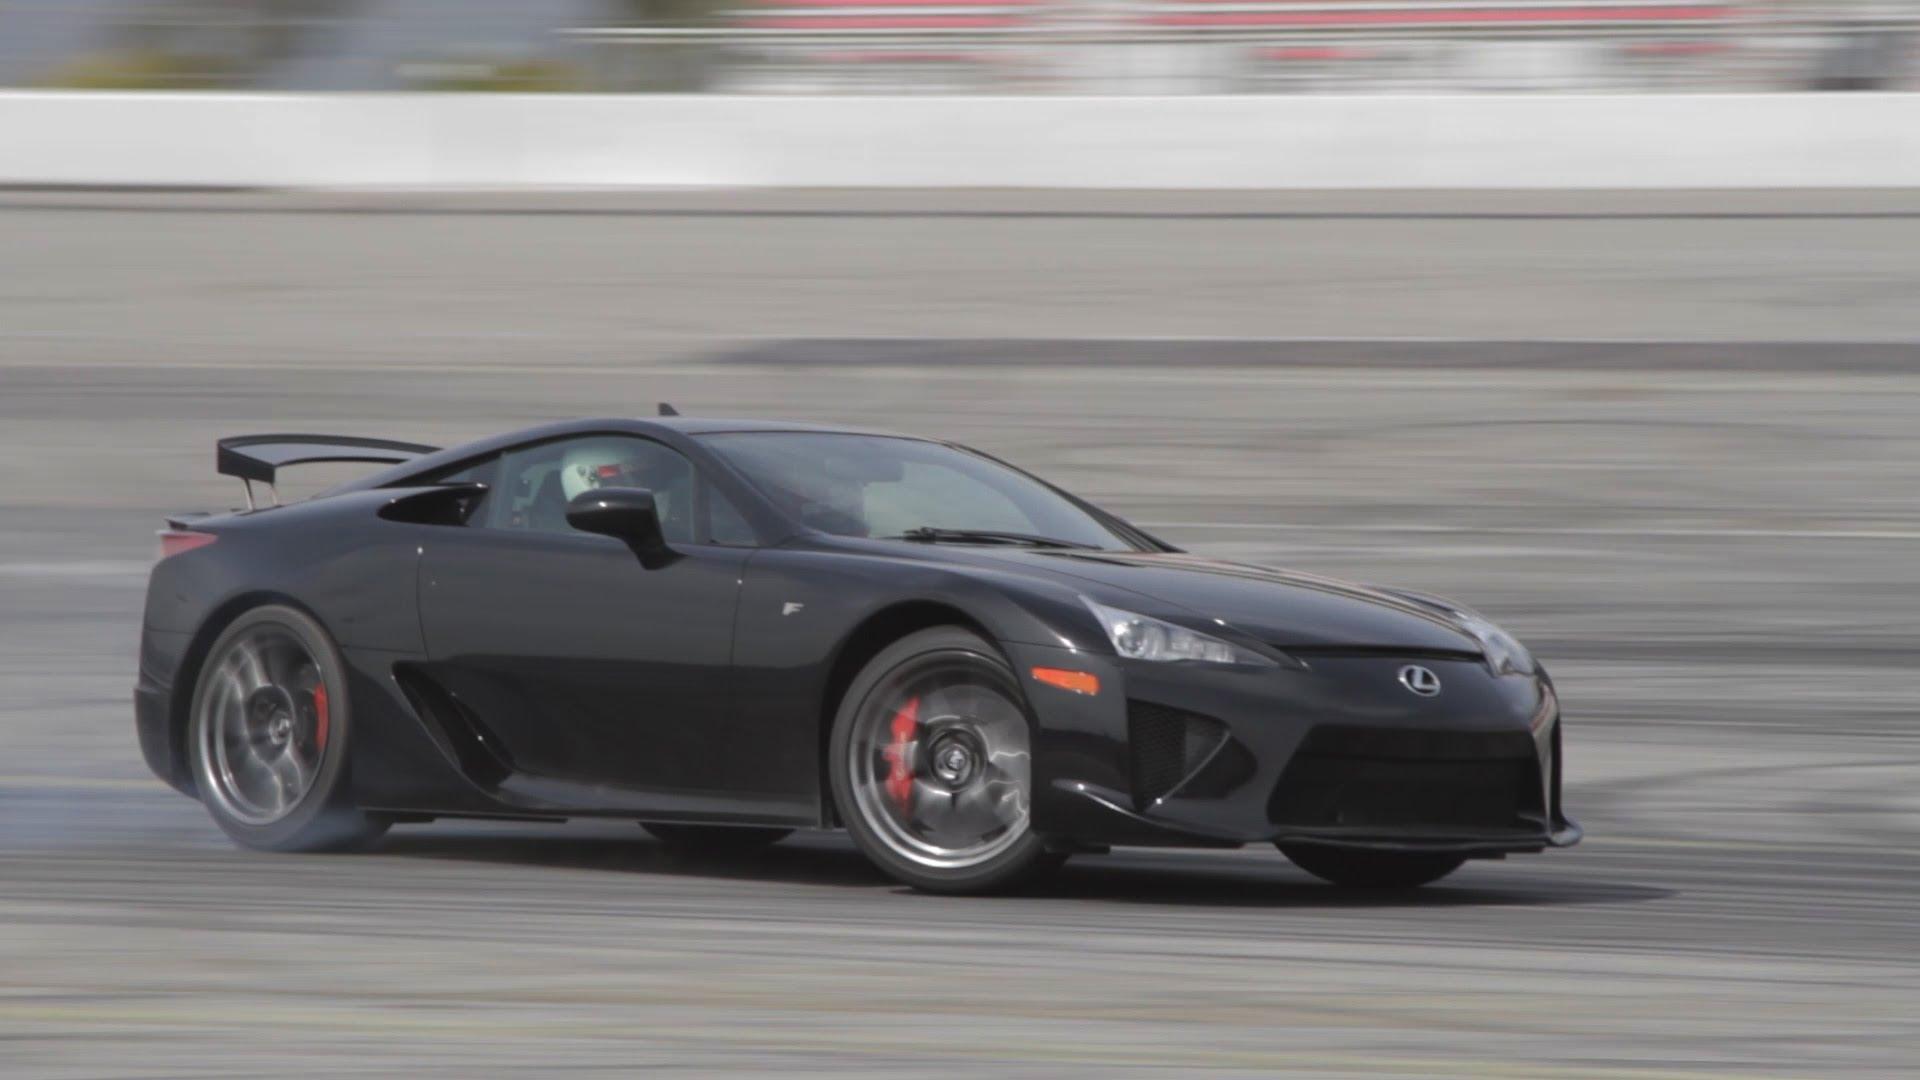 Lexus LFA Drifting Daijiro Yoshihara - BTS3 Bonus Episode